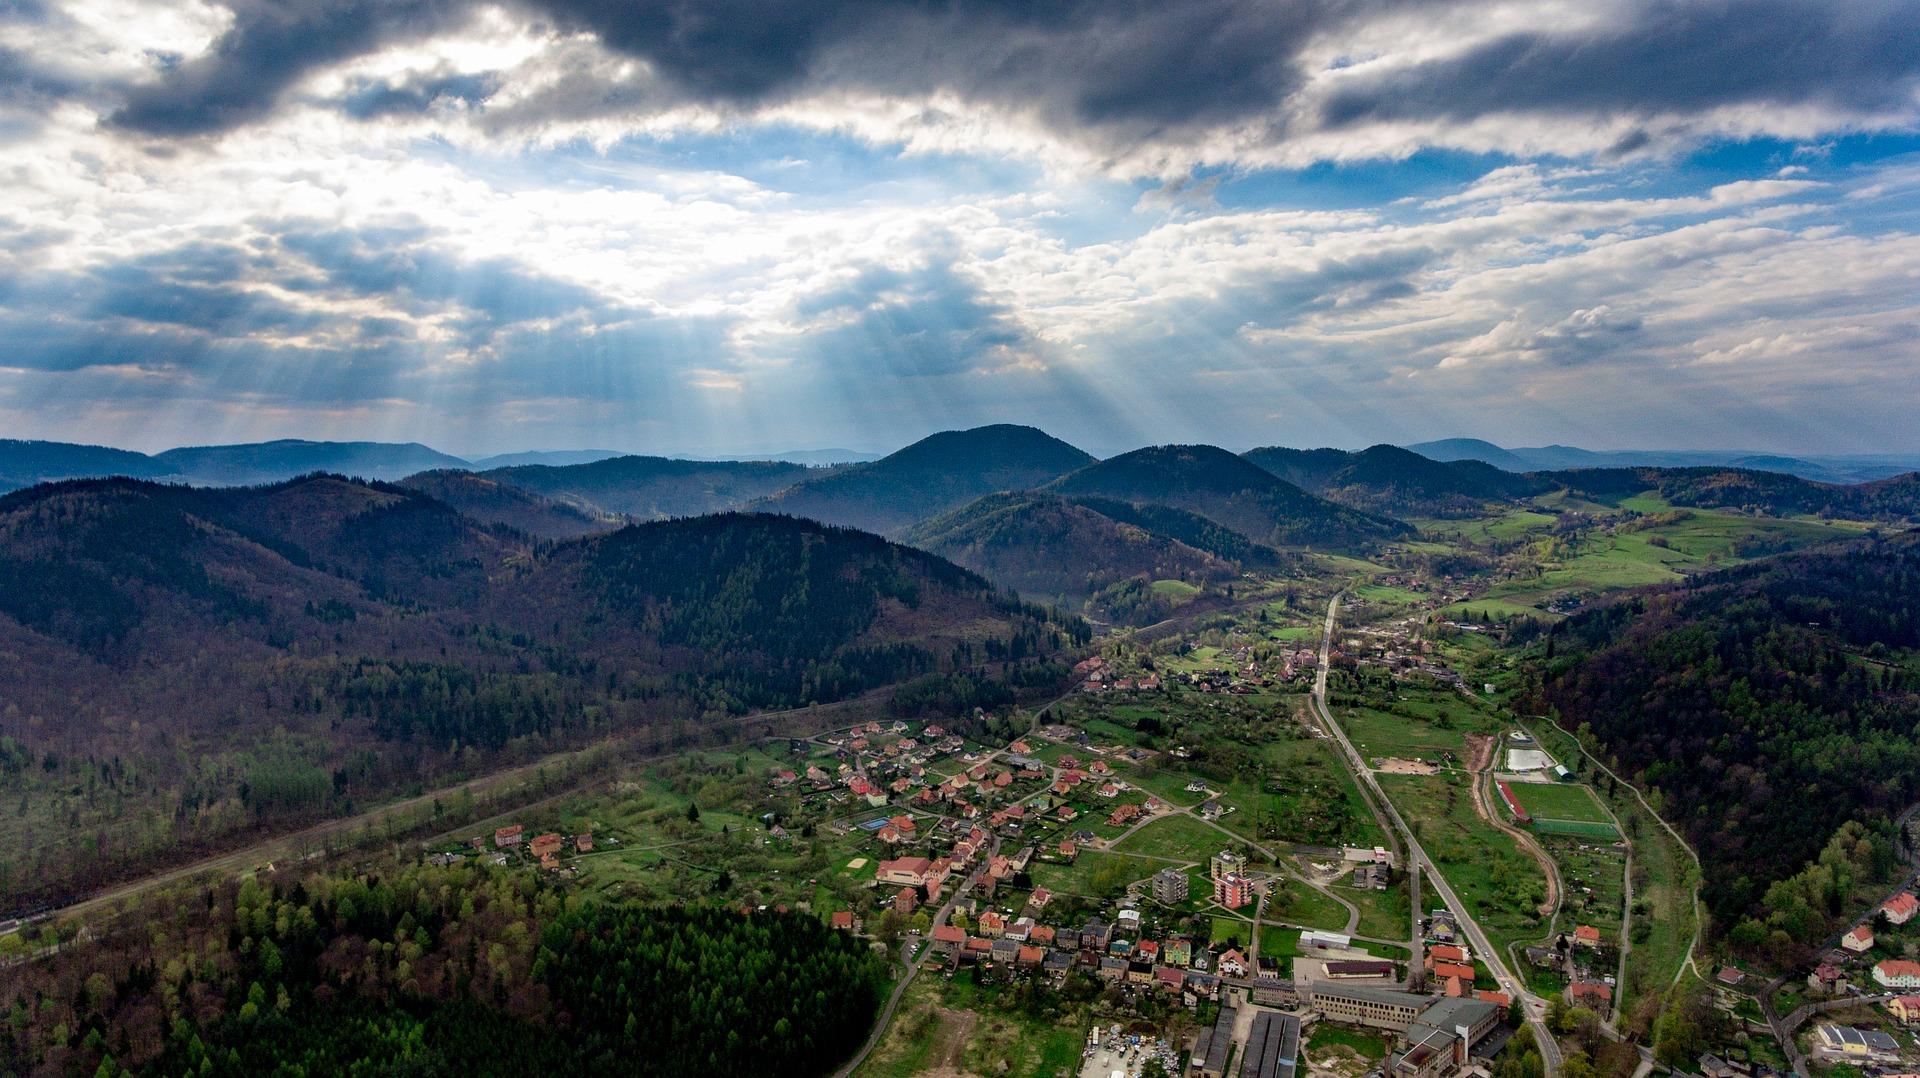 jedlina zdroj - Piękne wsie południowej Polski - 4 miejsca, do których koniecznie musisz pojechać!